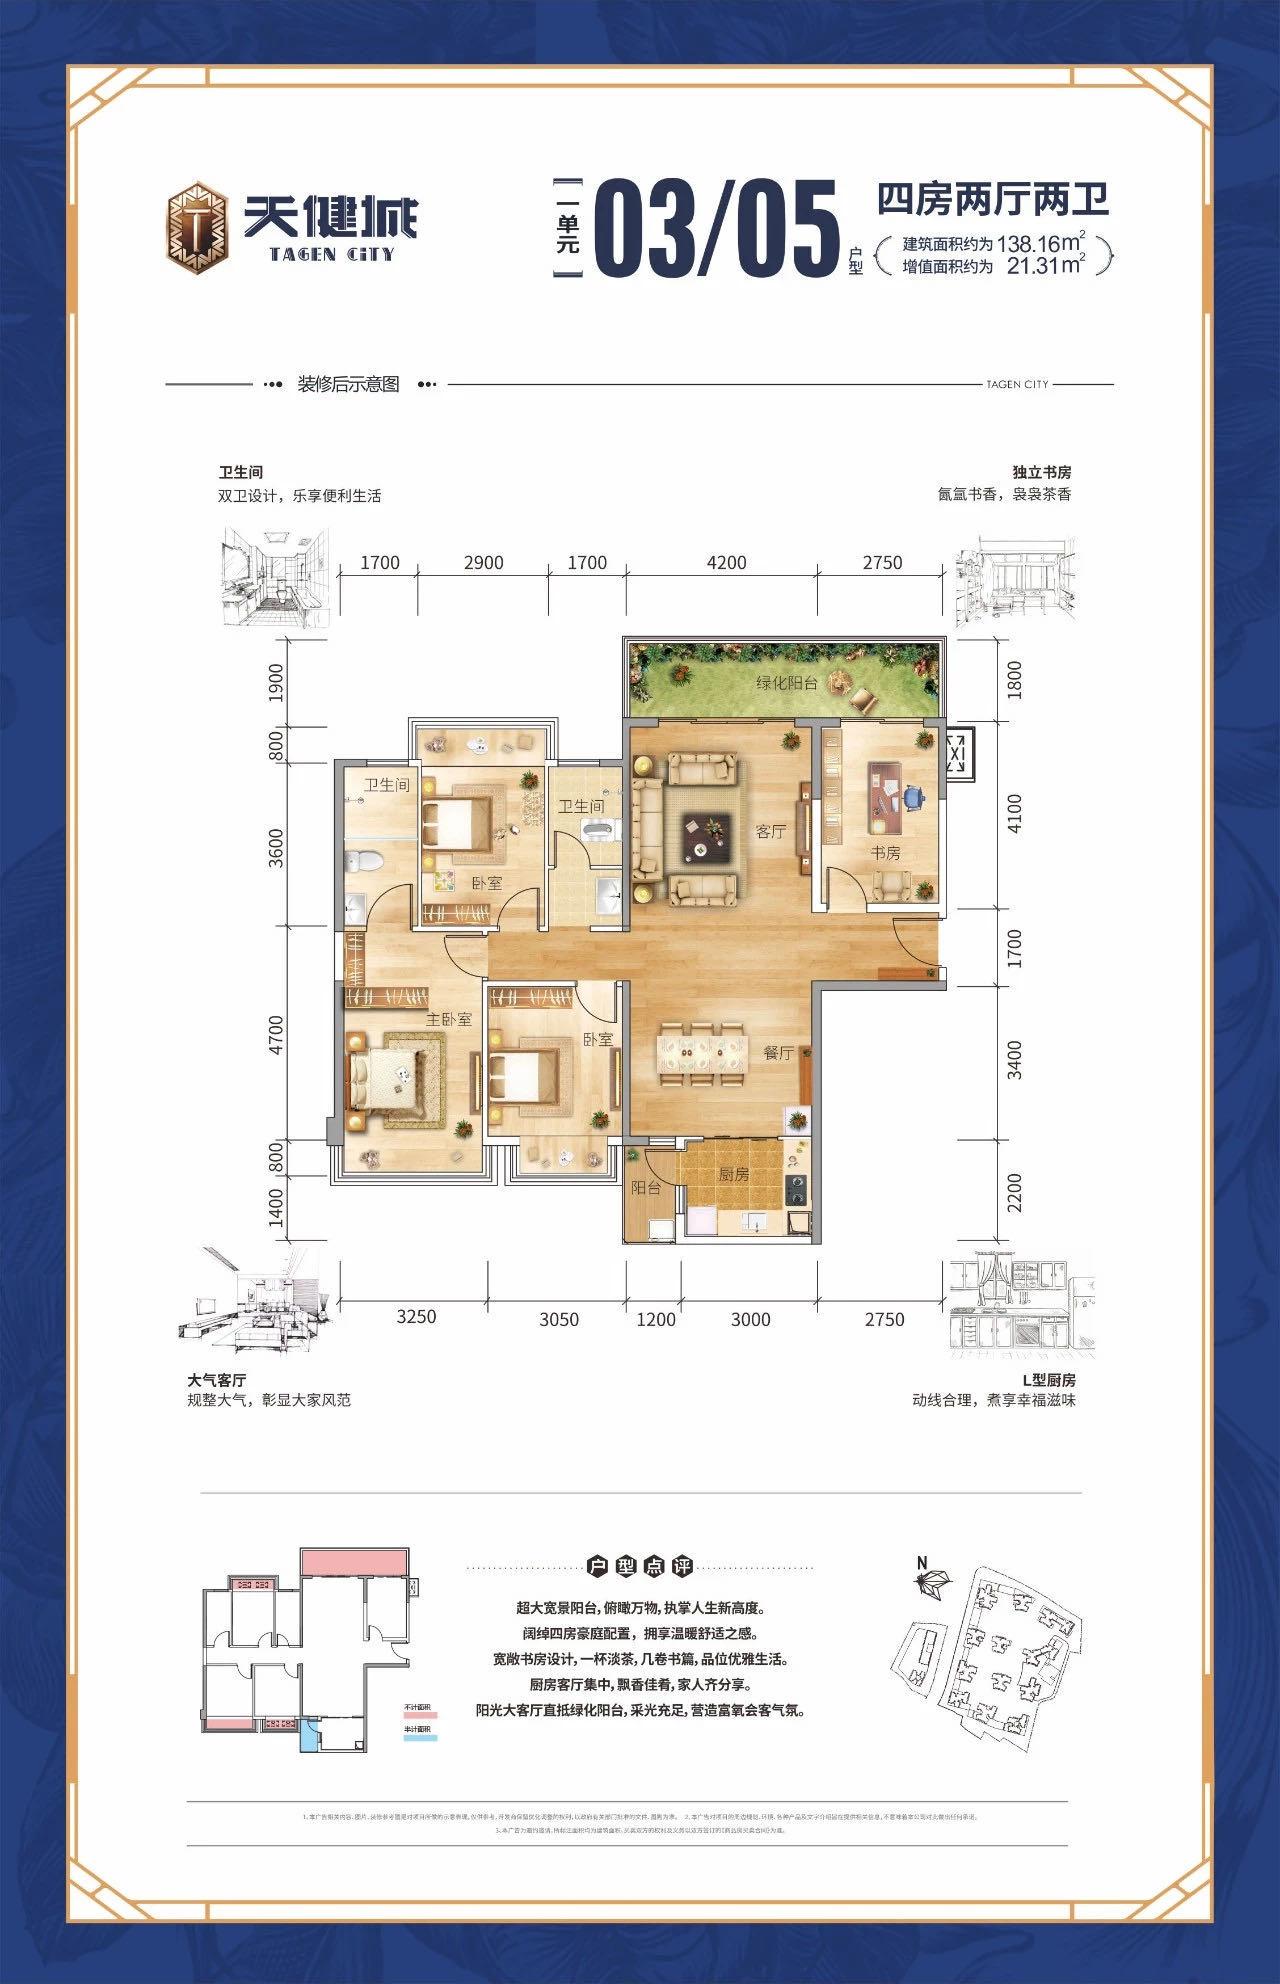 天健城(一单元03/05户型 四房两厅两卫 建面约138.16㎡)